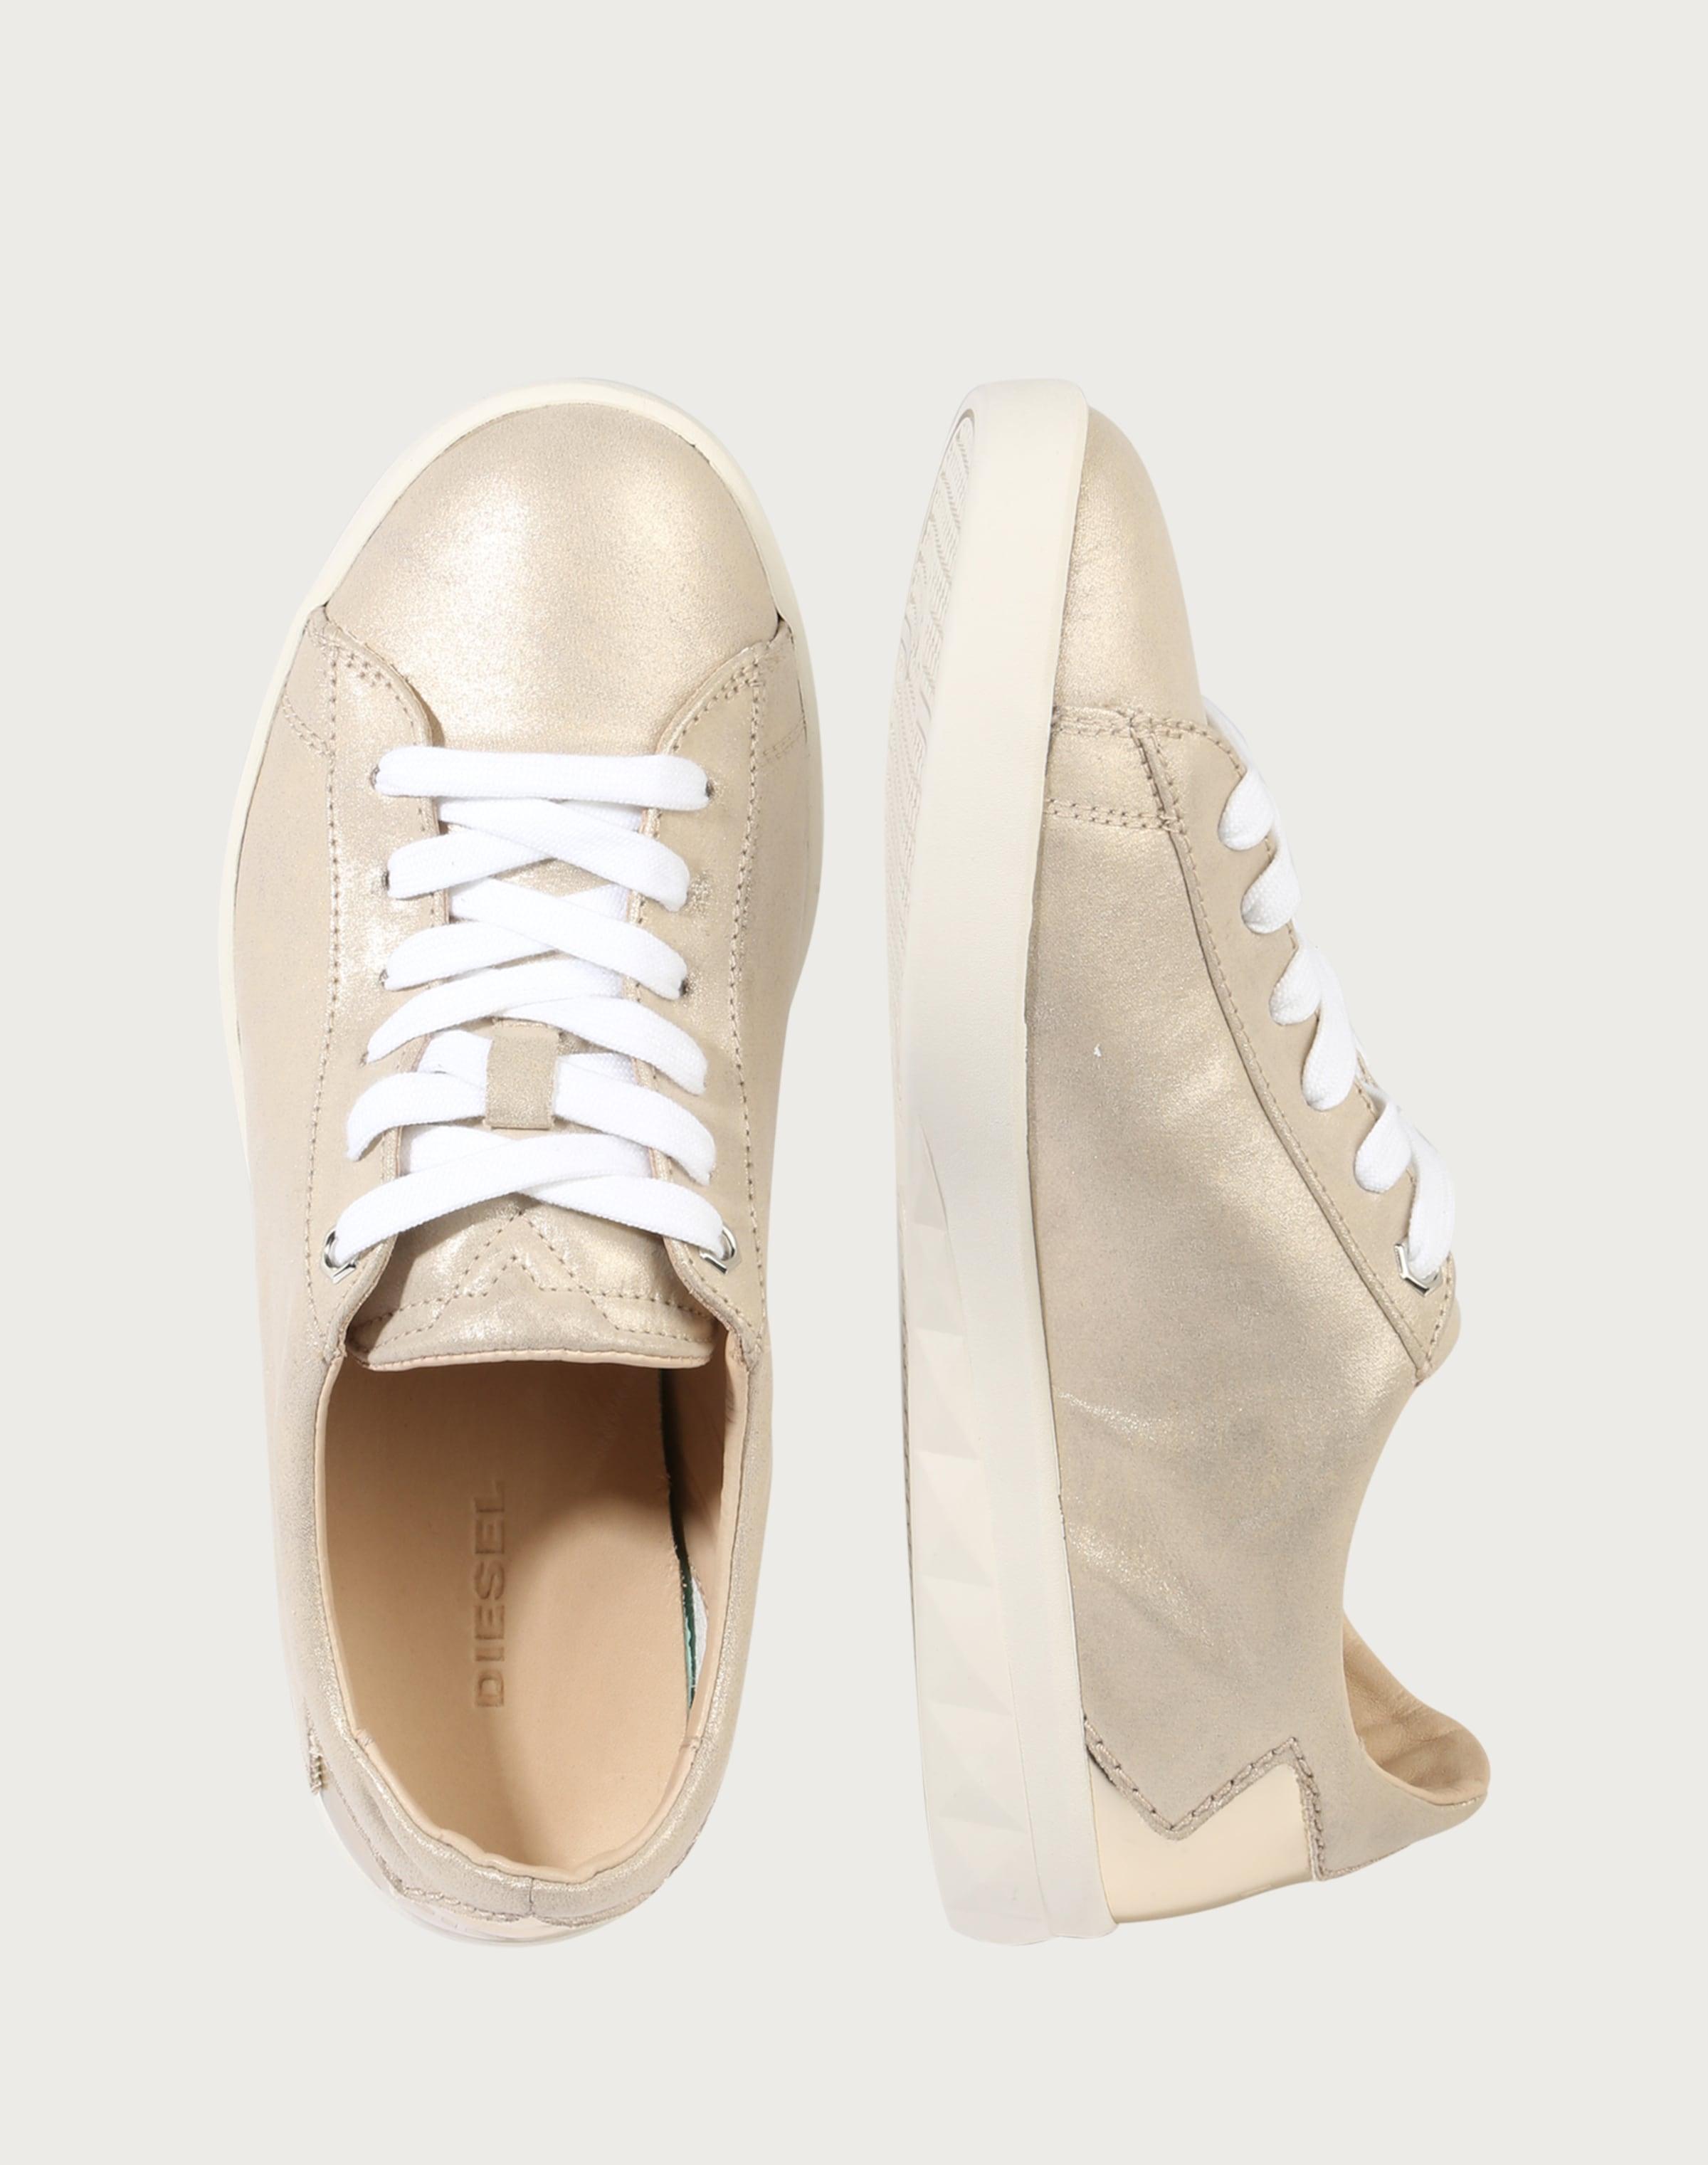 Verkauf Shop-Angebot DIESEL Sneaker Low 'Solstics' Rabatt Suche Billig Authentisch Auslass Freie Versandrabatte Preiswerte Art Und Stil HeNPv3jQ0